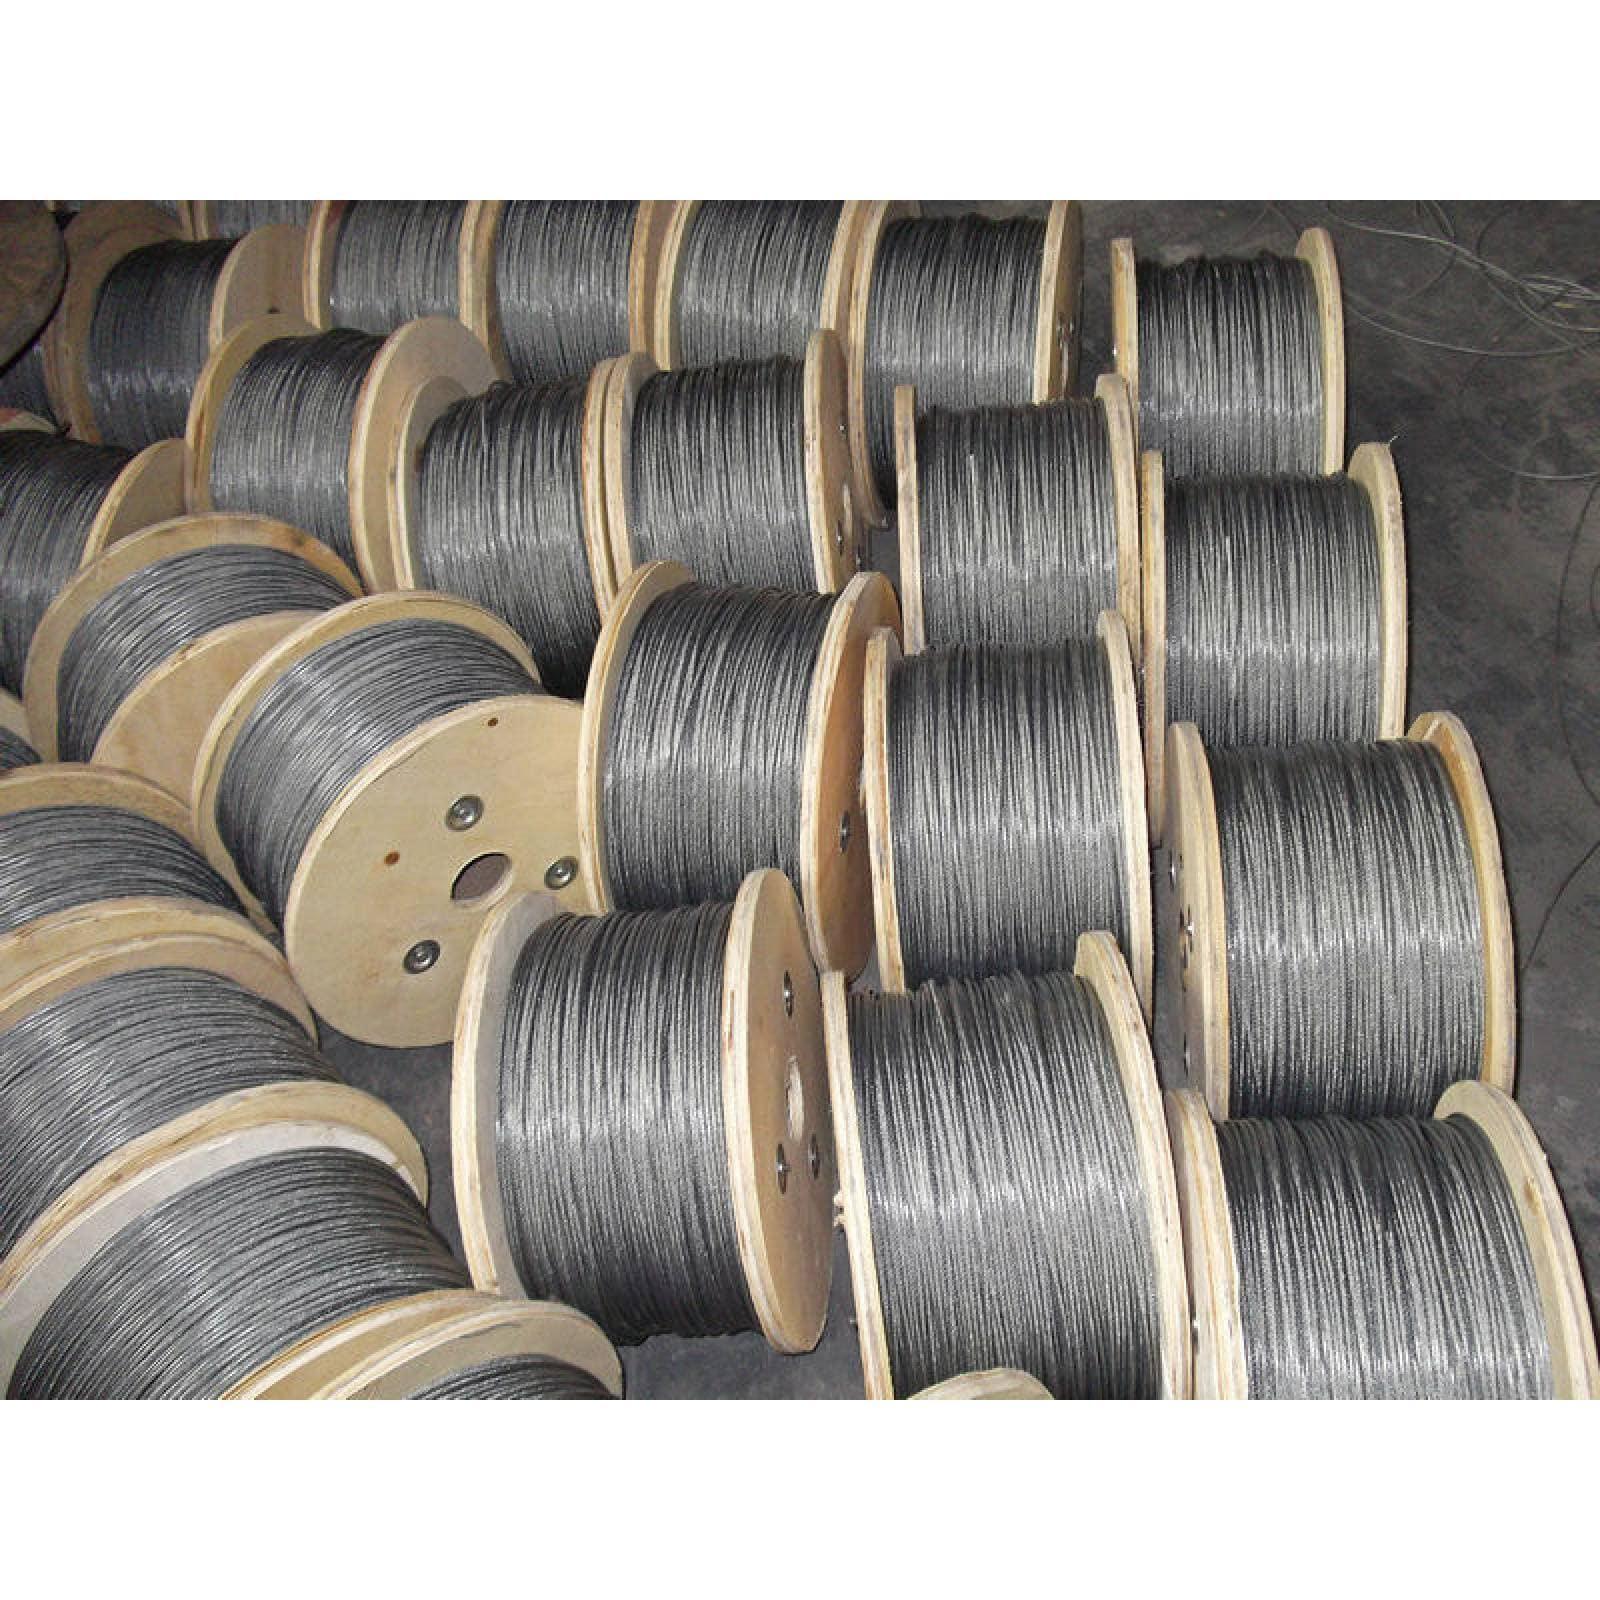 Cable de Acero Galvanizado en Rollo 7X7 5/16 y 300 M. OBI